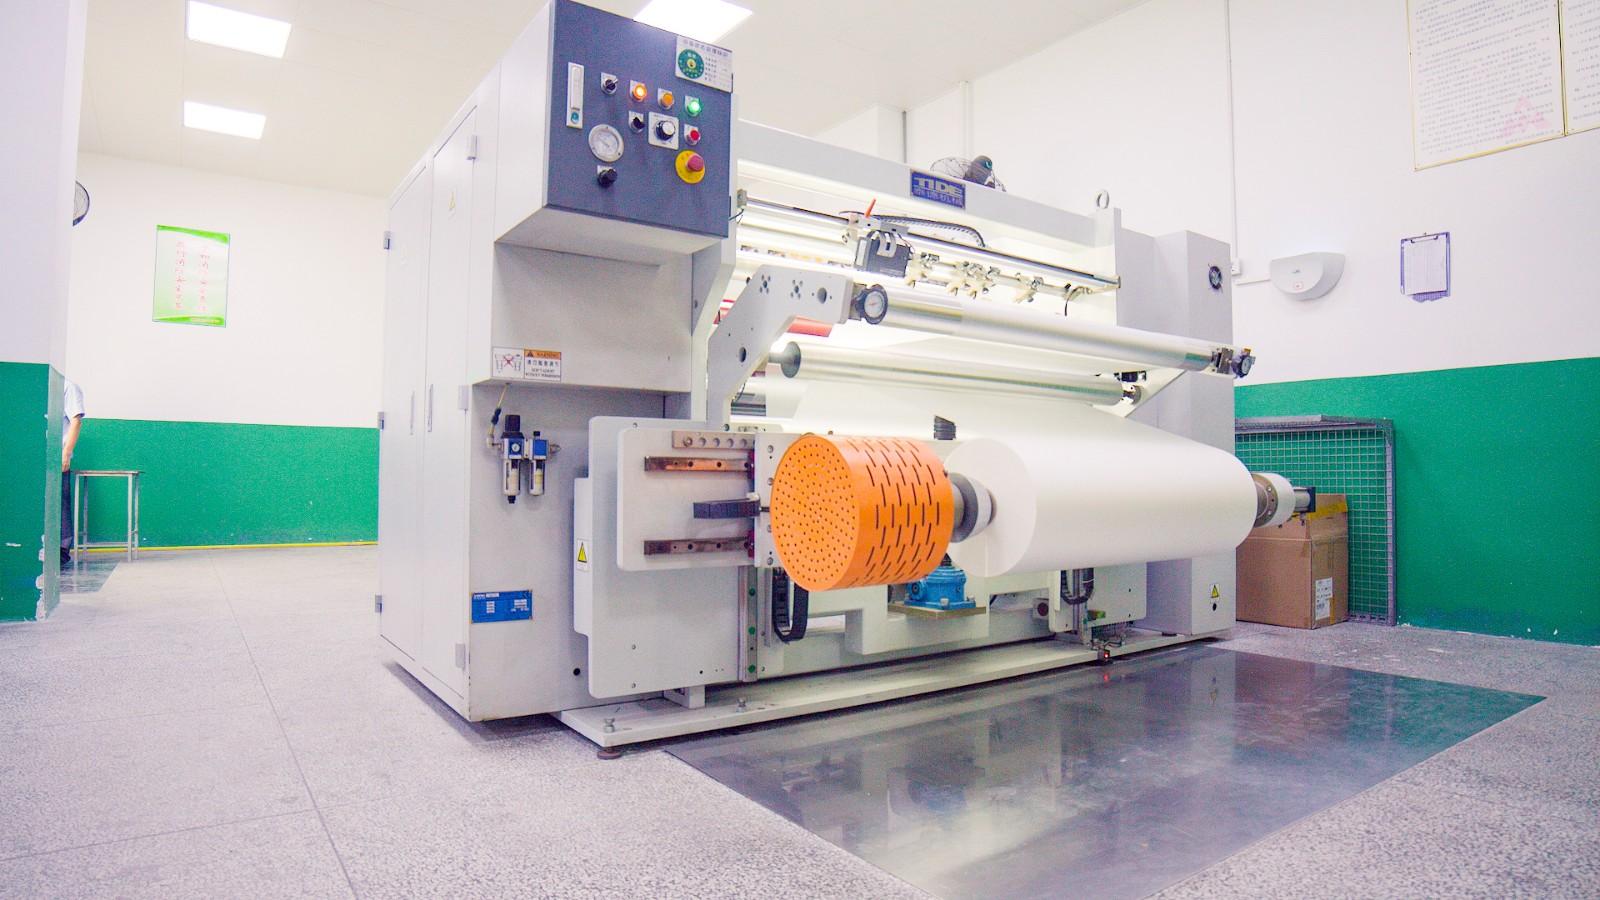 高速分切机 High-speed cutting machine